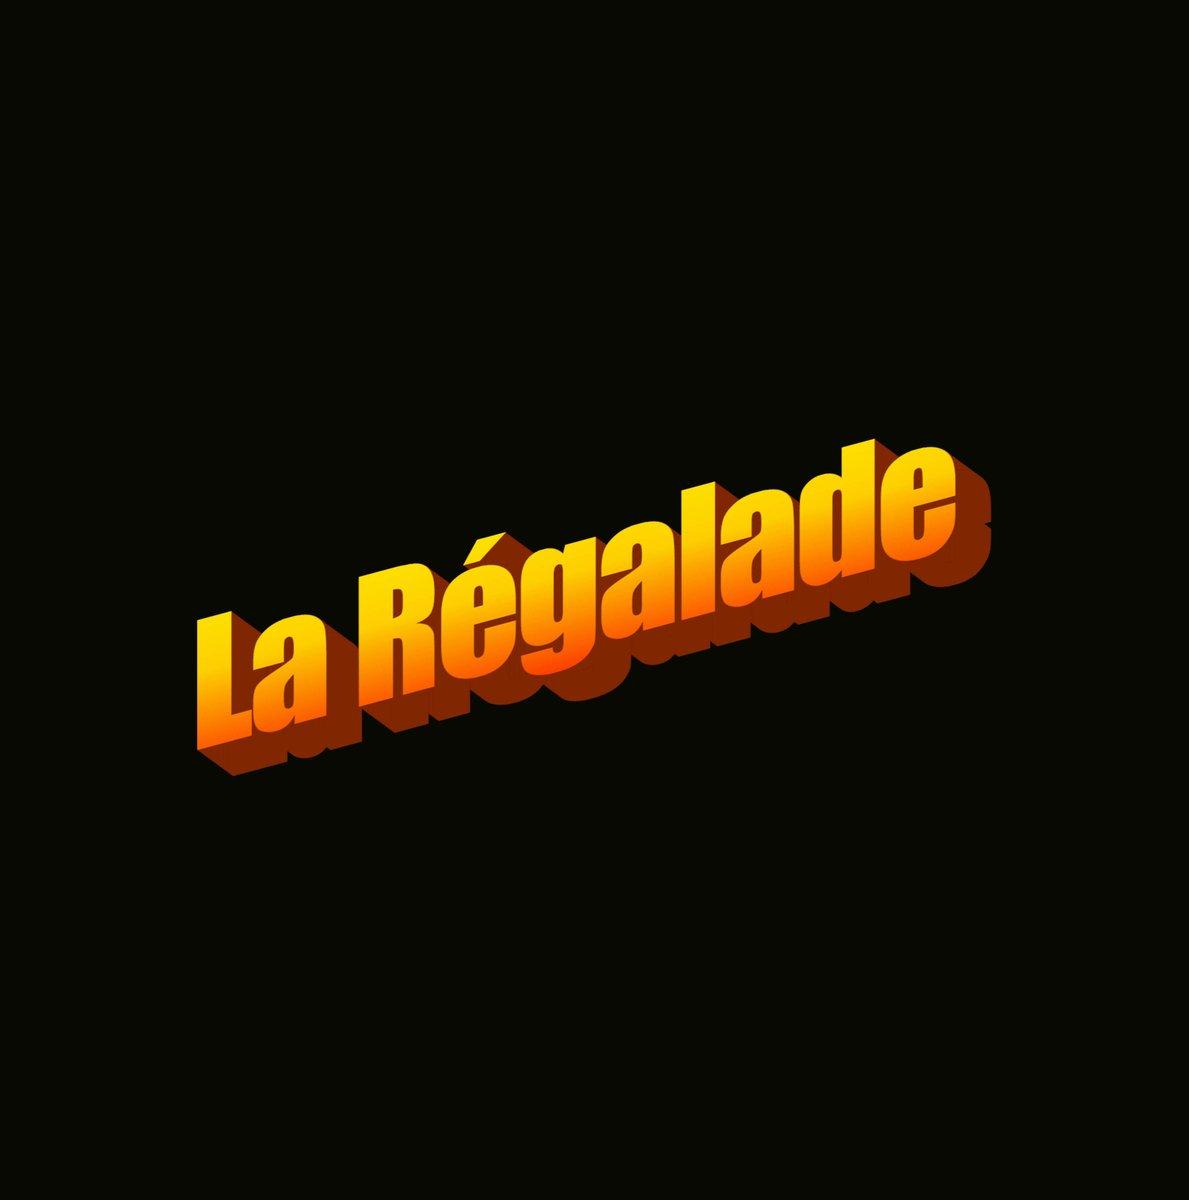 Grande nouvelle... Lépisode 6 de mon podcast La Régalade est disponible sur toutes les plateformes ! Avec comme invitées @Illecrats et Hortense Pradier, on y discute du métier dassistant mise en scène et de sa collaboration avec la réal. Co-host par ce bon Martin Schrepel.